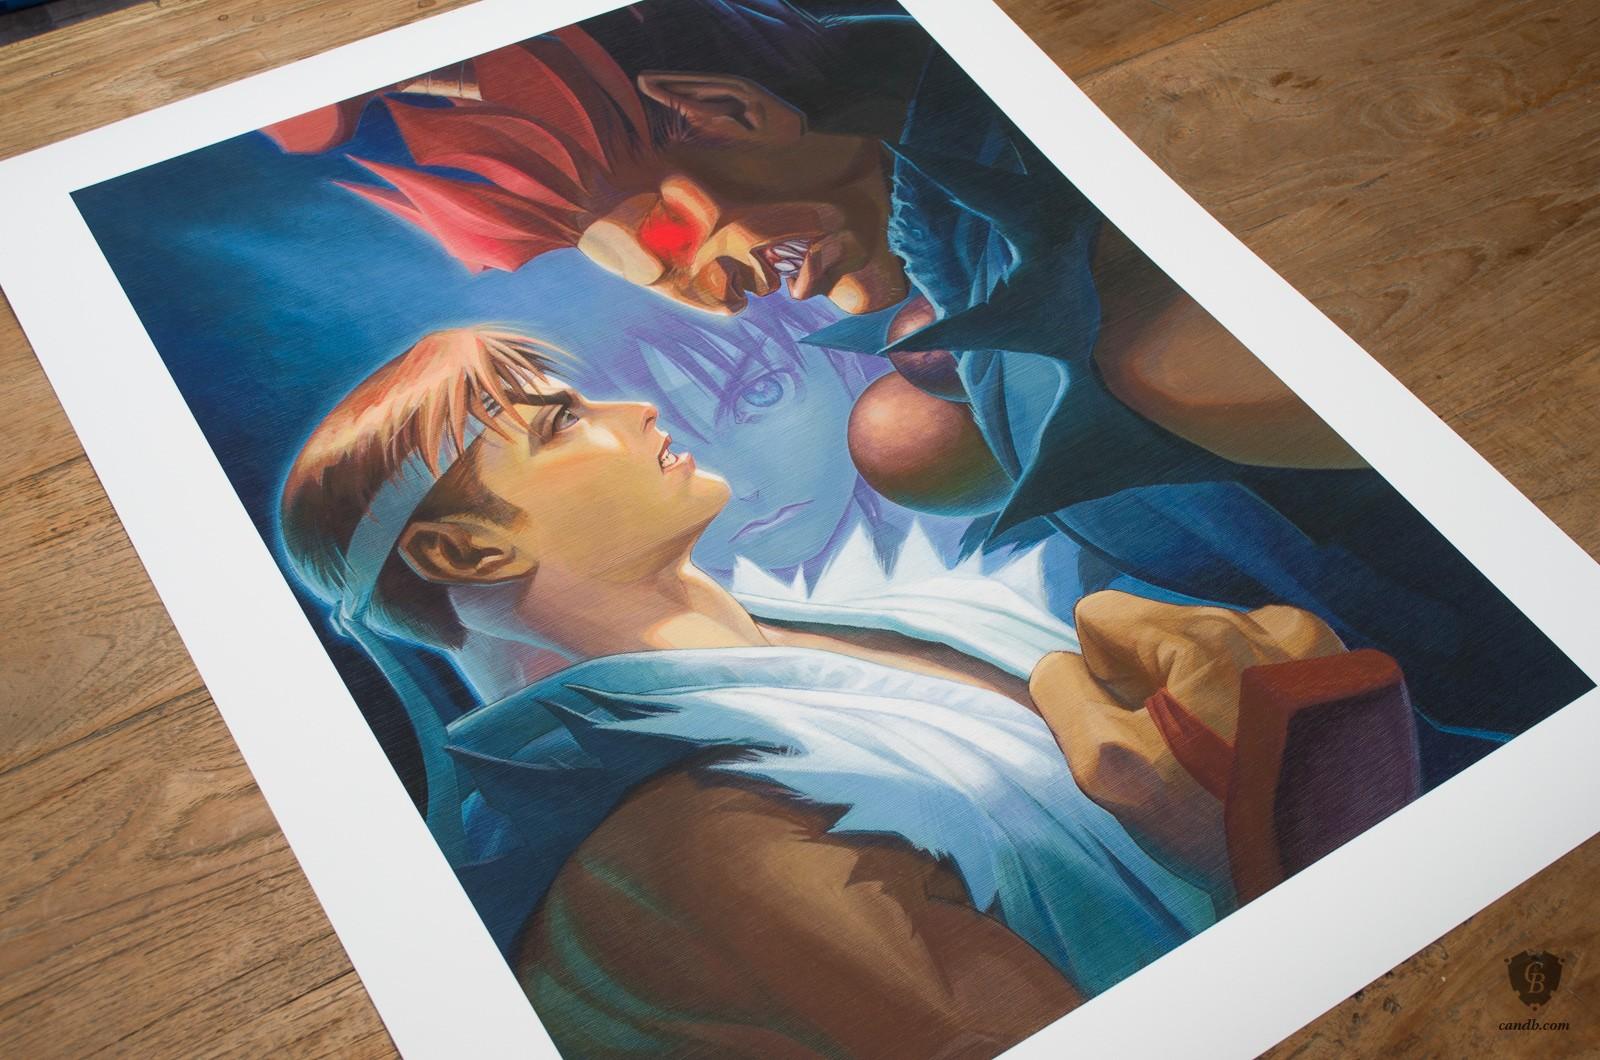 Ryu vs Akuma Limited Ryu-vs-akuma_streetfighter_capcom_print1_1600_1600x1060_marked